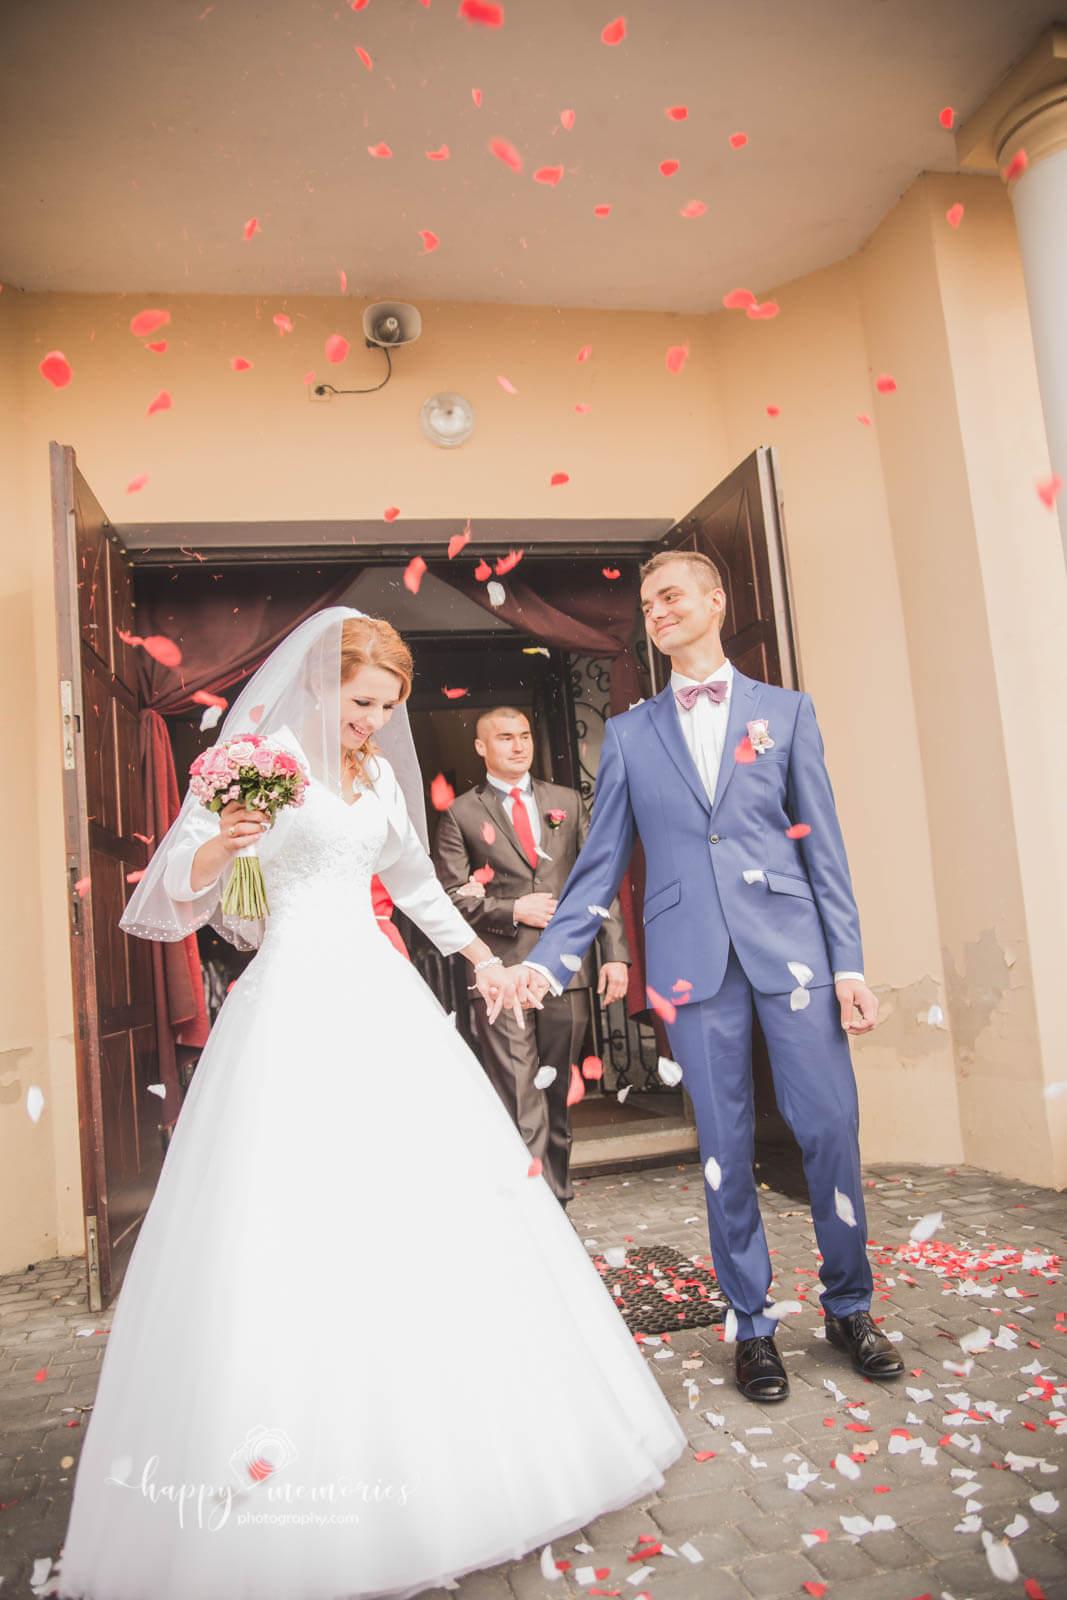 Wedding photographer Horsham-23